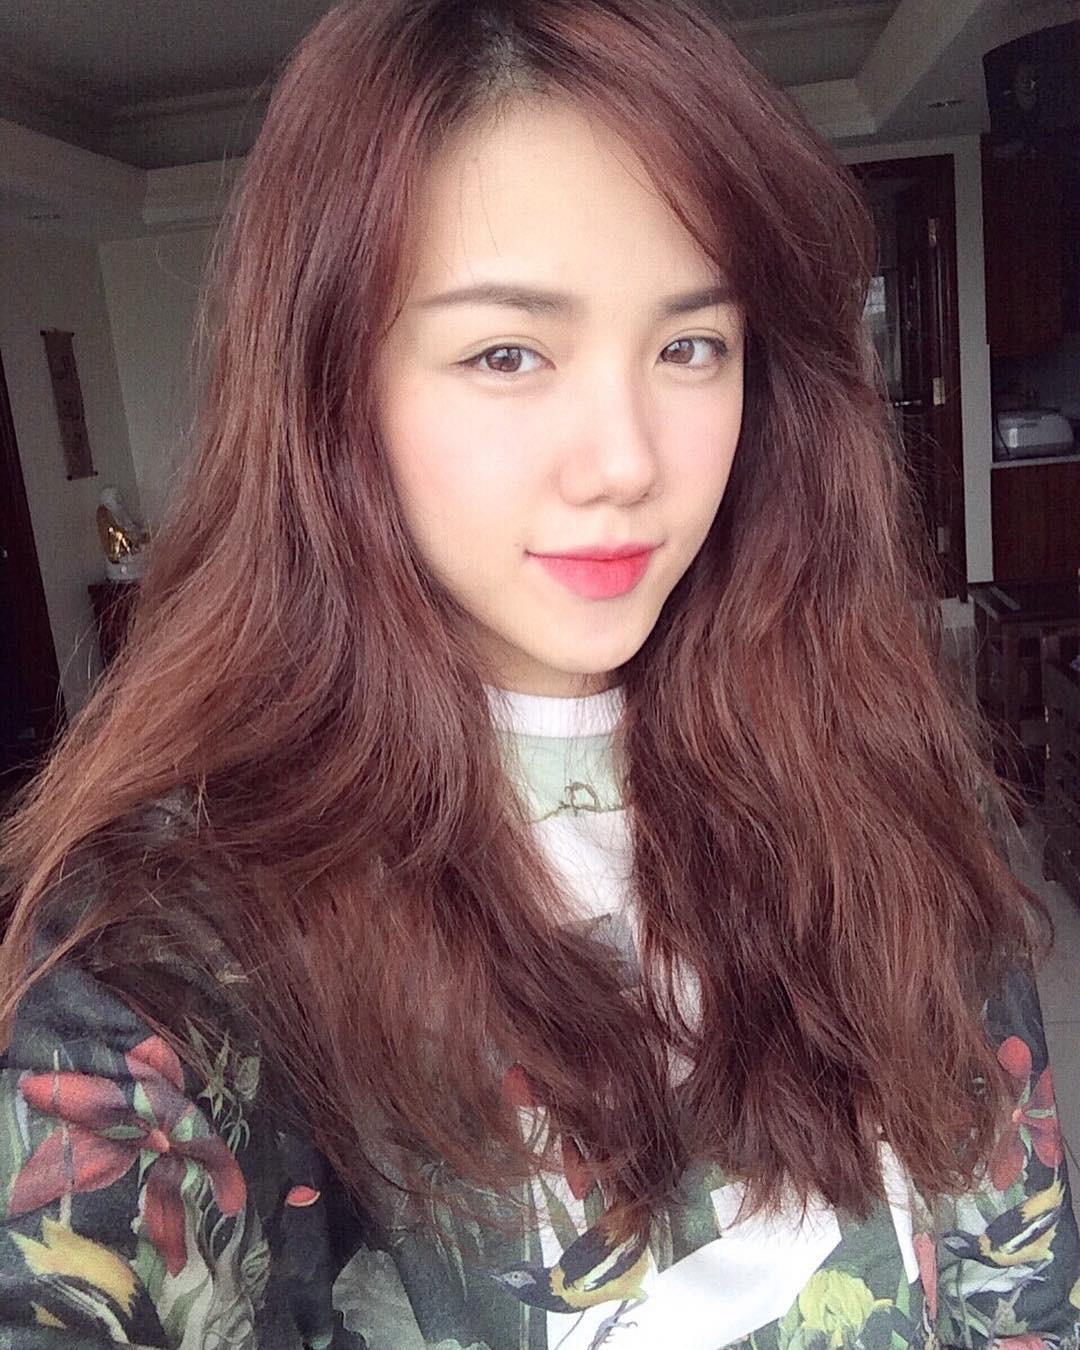 Bạn đã biết 4 cách đánh son siêu xinh đang được các hot girl Việt tích cực diện mùa xuân này chưa? - Ảnh 4.